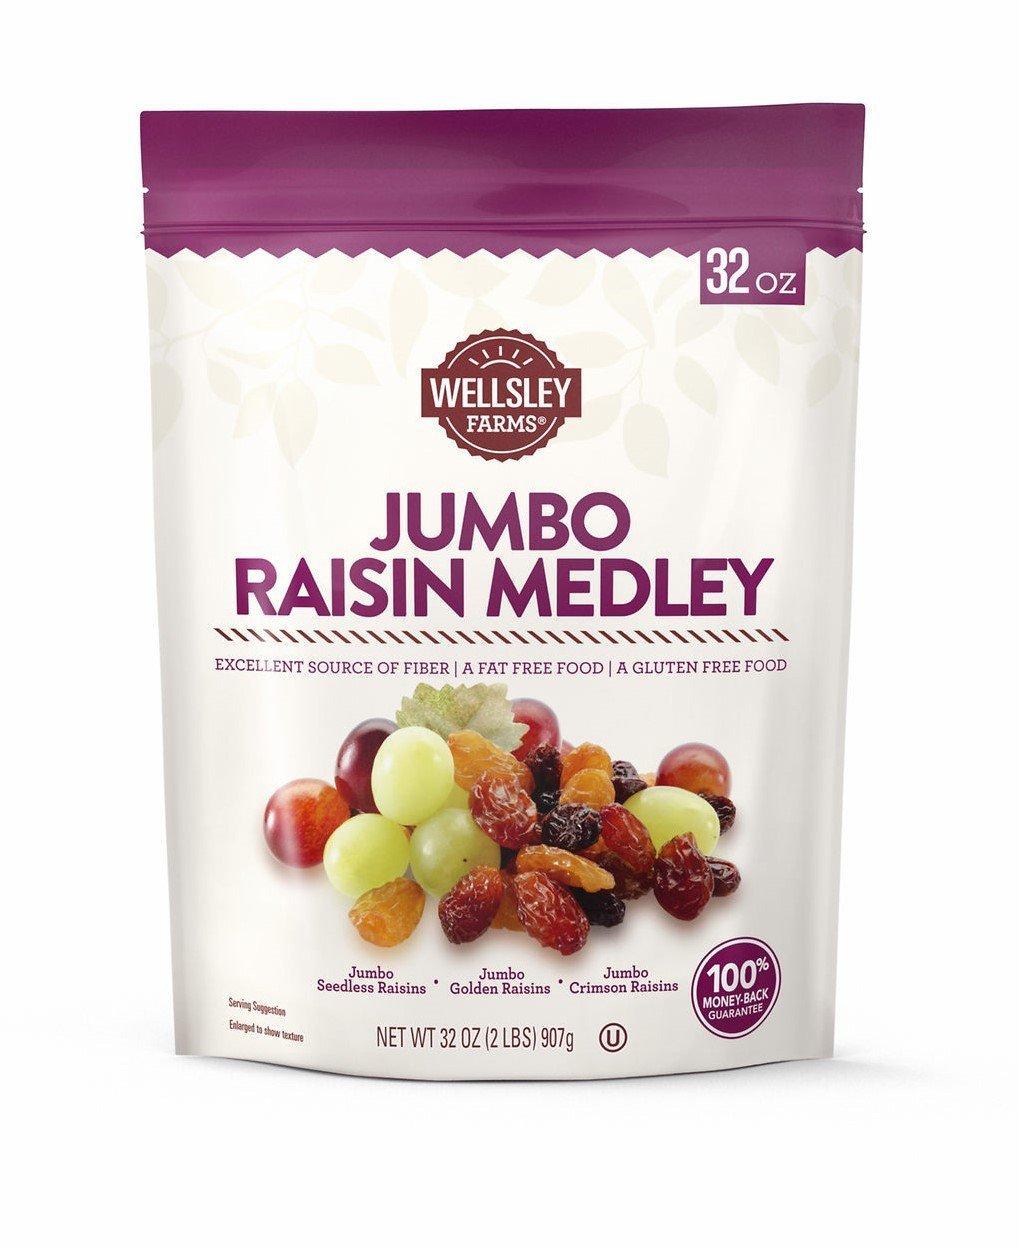 Wellsley Farms Jumbo Raisin Medley, 2 lbs. by Wellsley Farms